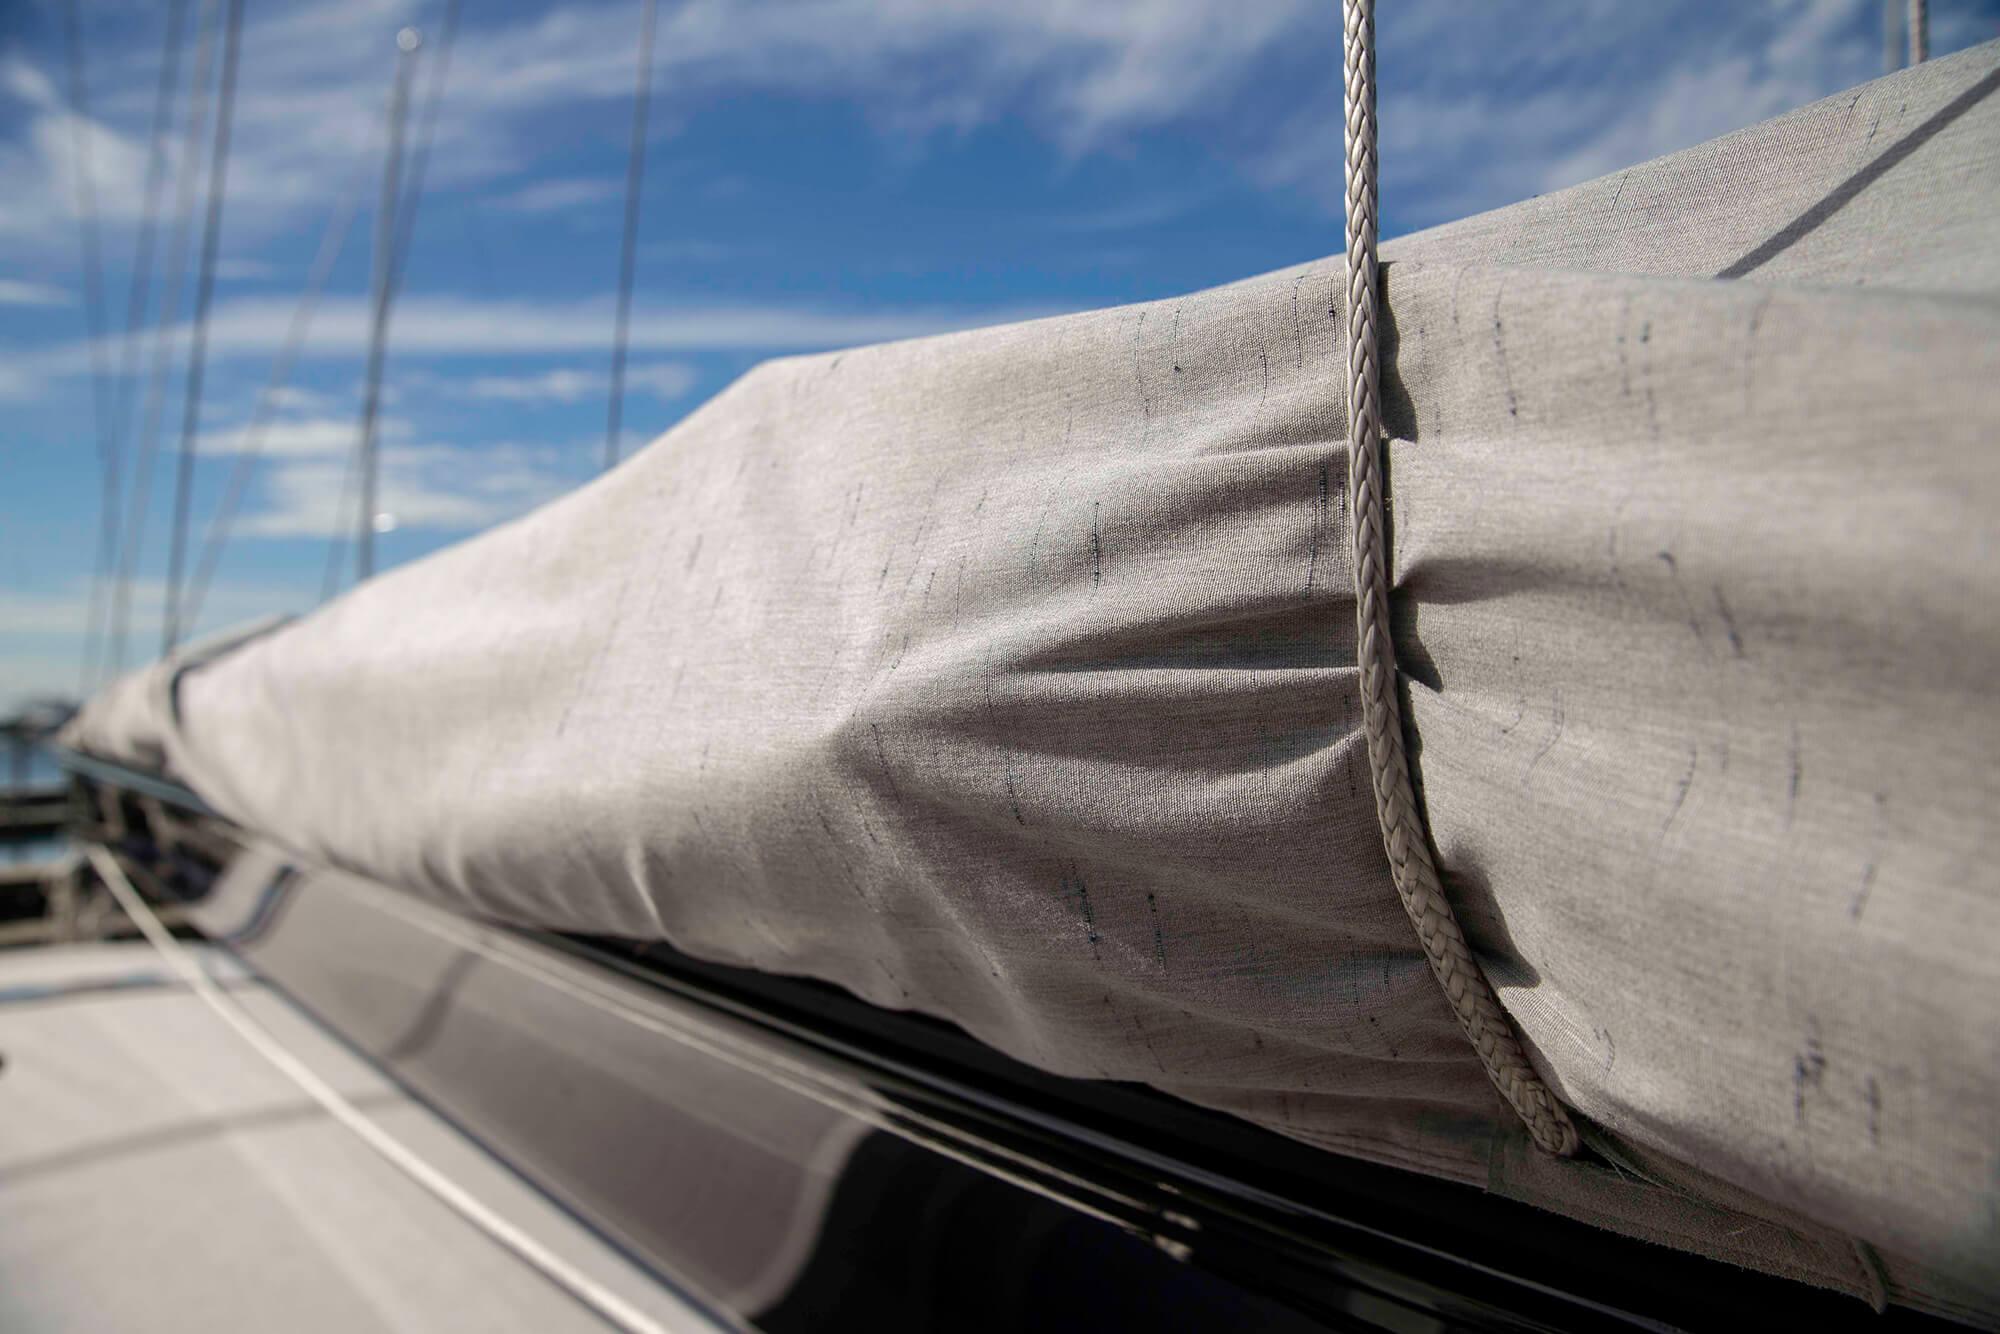 灰色 Sunbrella Crest Ash 面料帆盖的细节